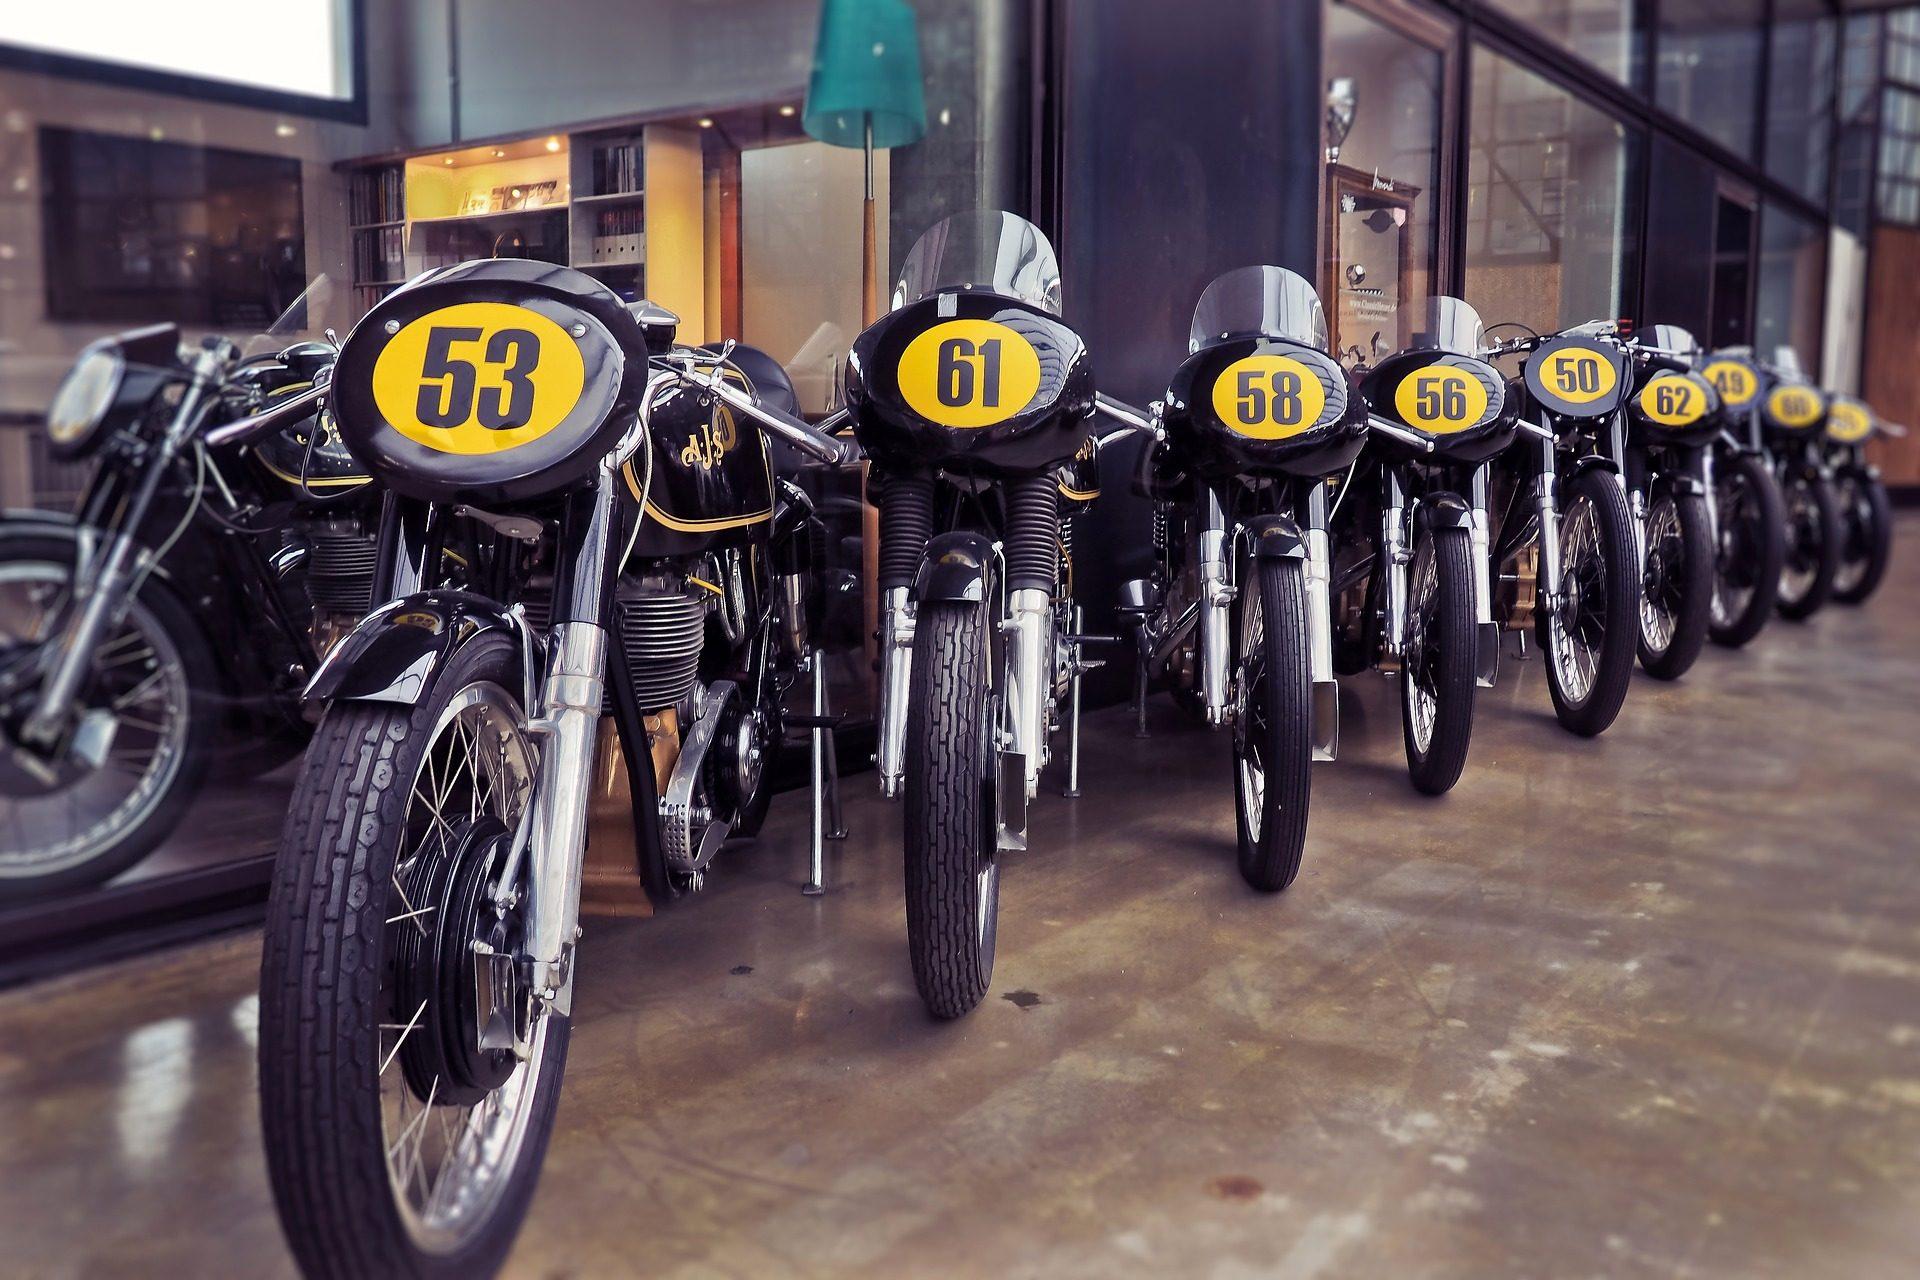 motocicletas, motos, Classique, antique, Vintage - Fonds d'écran HD - Professor-falken.com